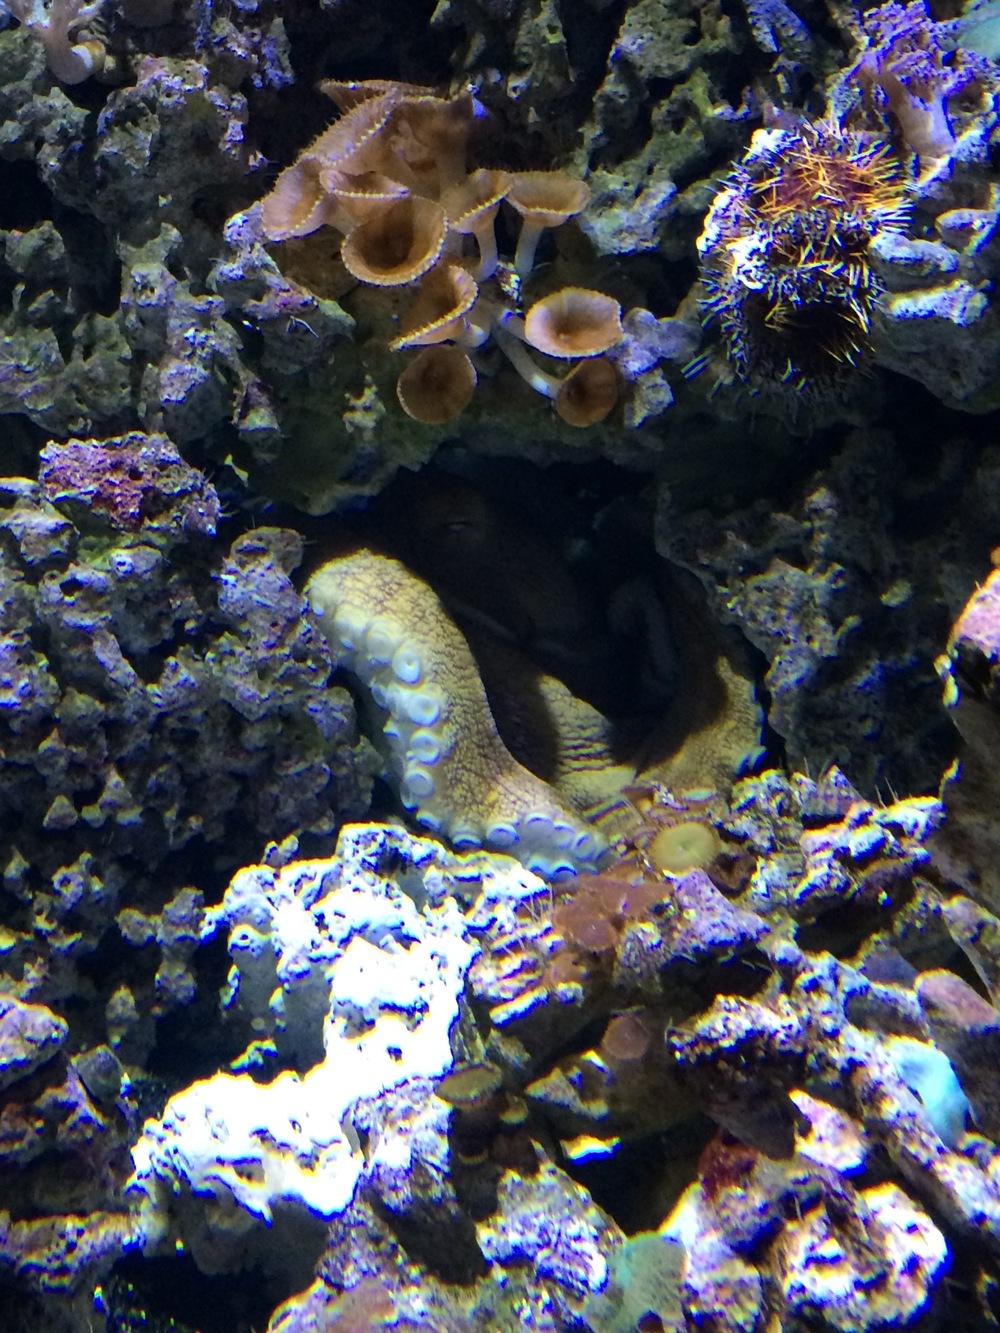 ocean-reef-animals.jpg